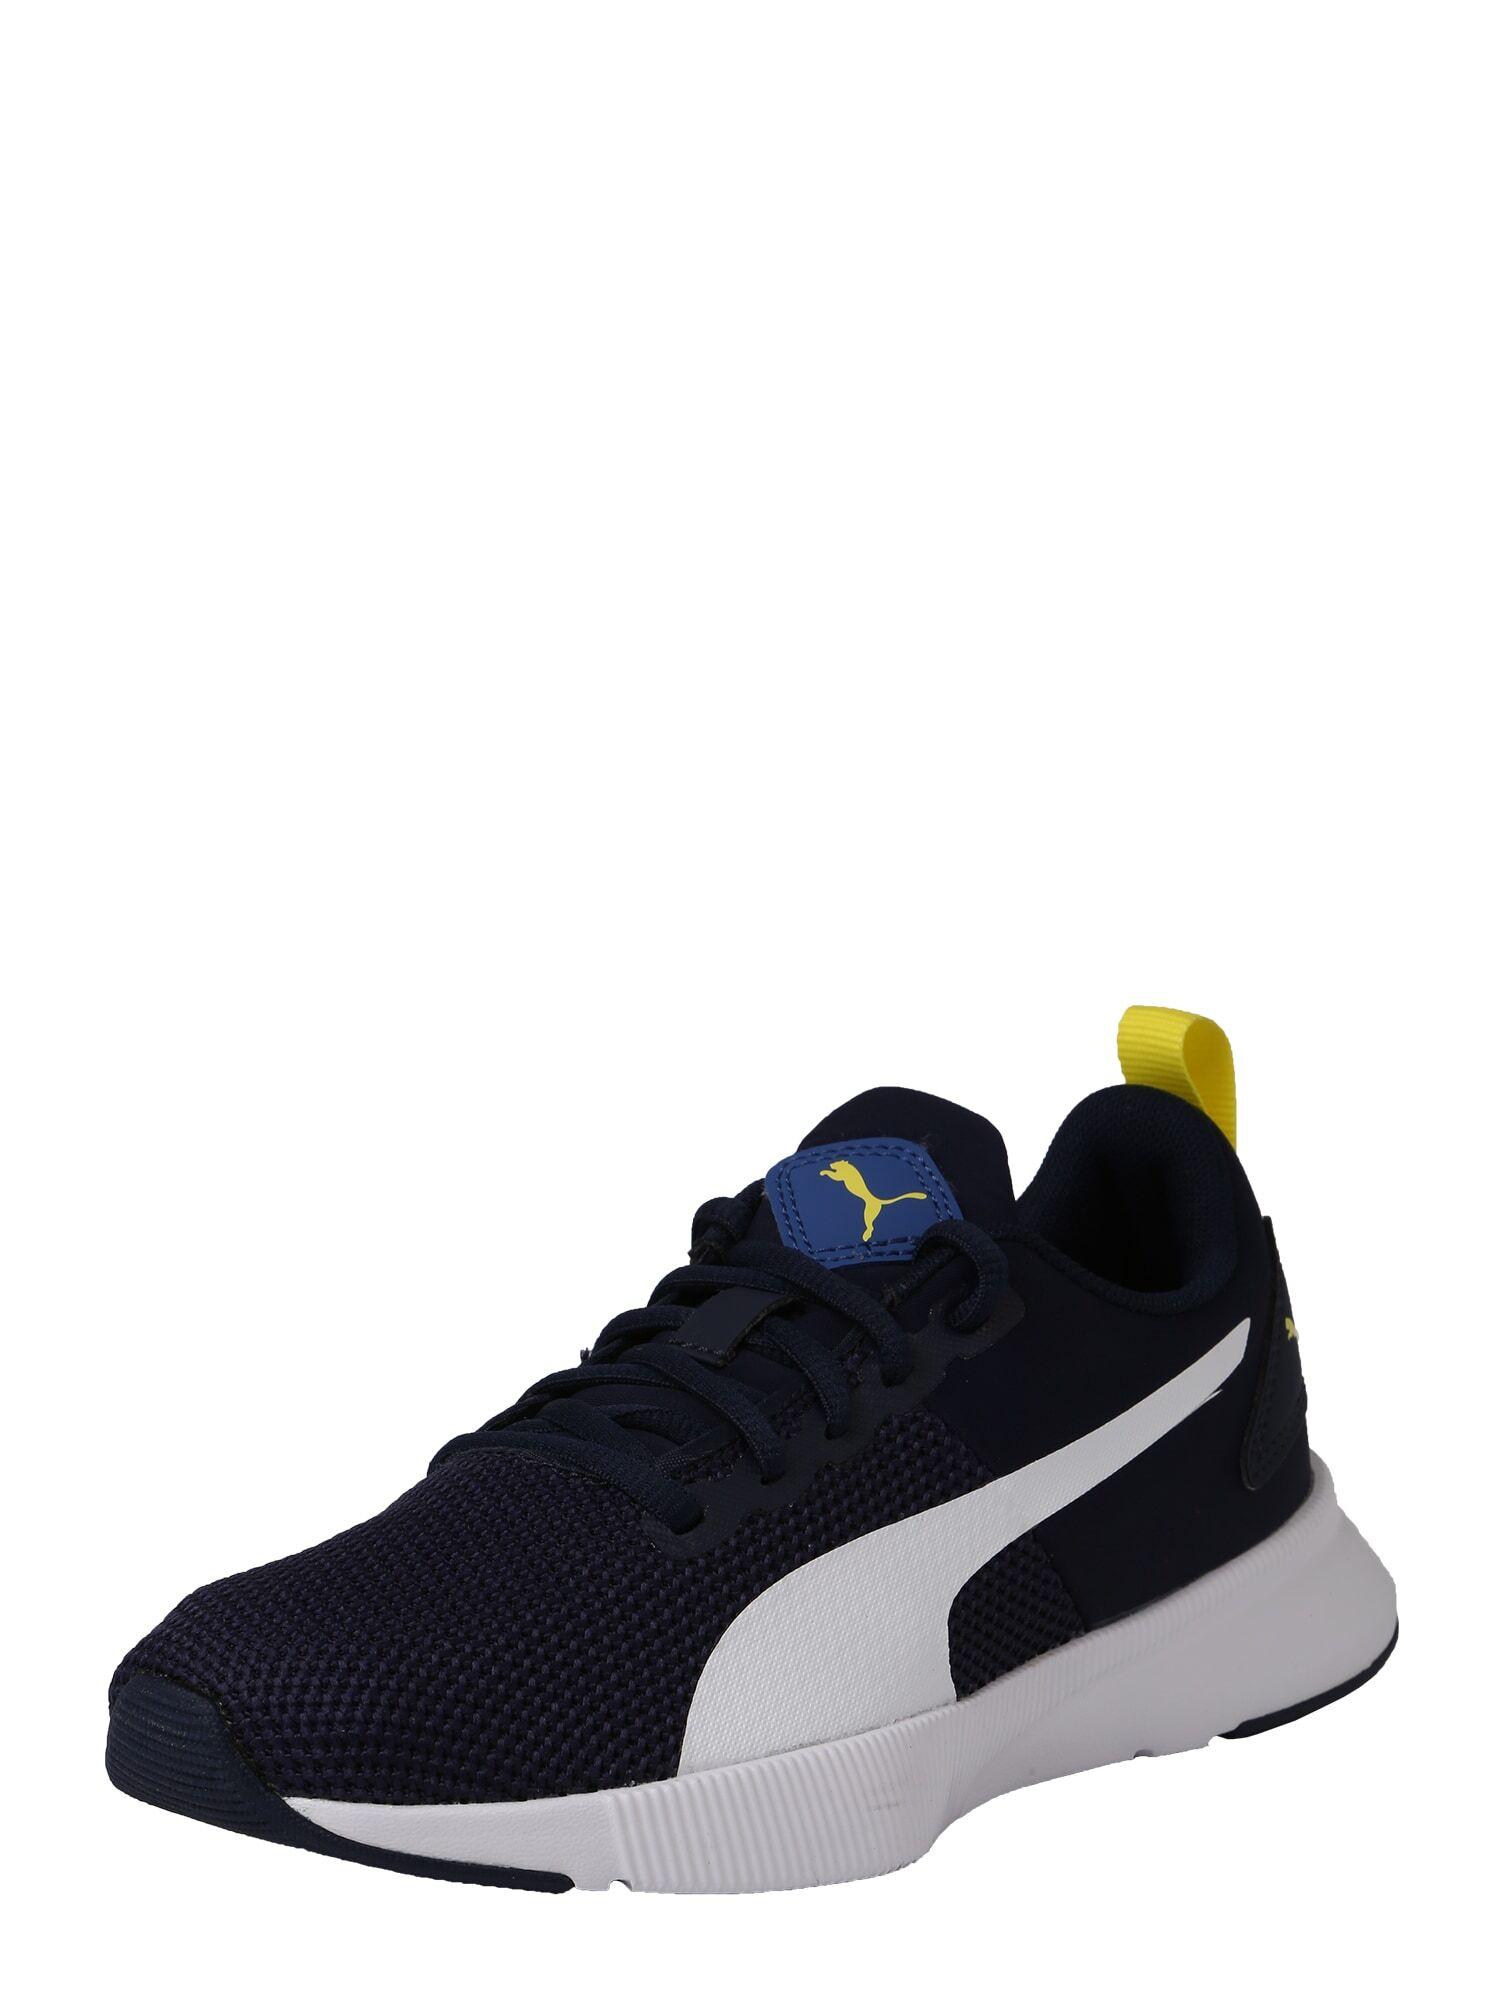 PUMA Chaussure de sport 'Flyer Runner'  - Bleu - Taille: 4 - boy